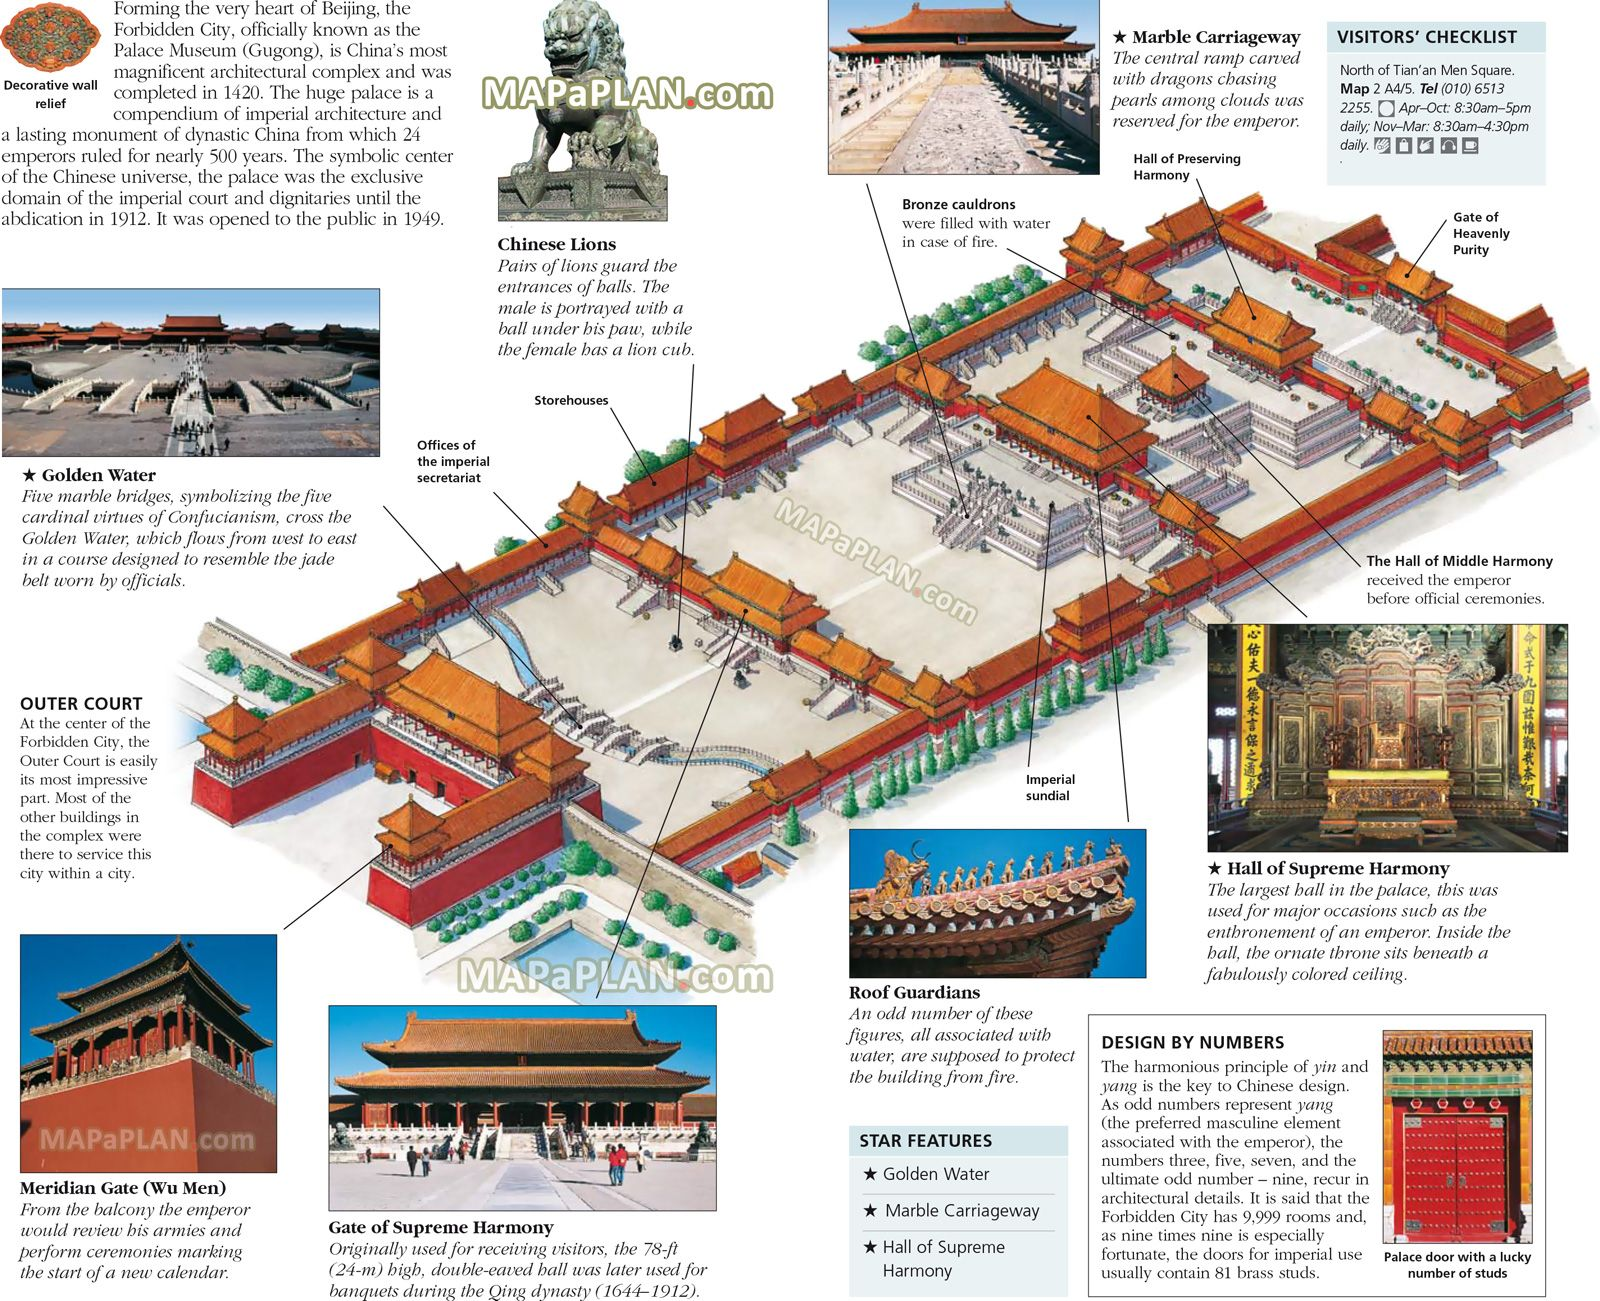 Beiing Forbidden City Old Imperial Palace Museum Arquitetura Antiga Cidade Proibida Arquitetura Classica